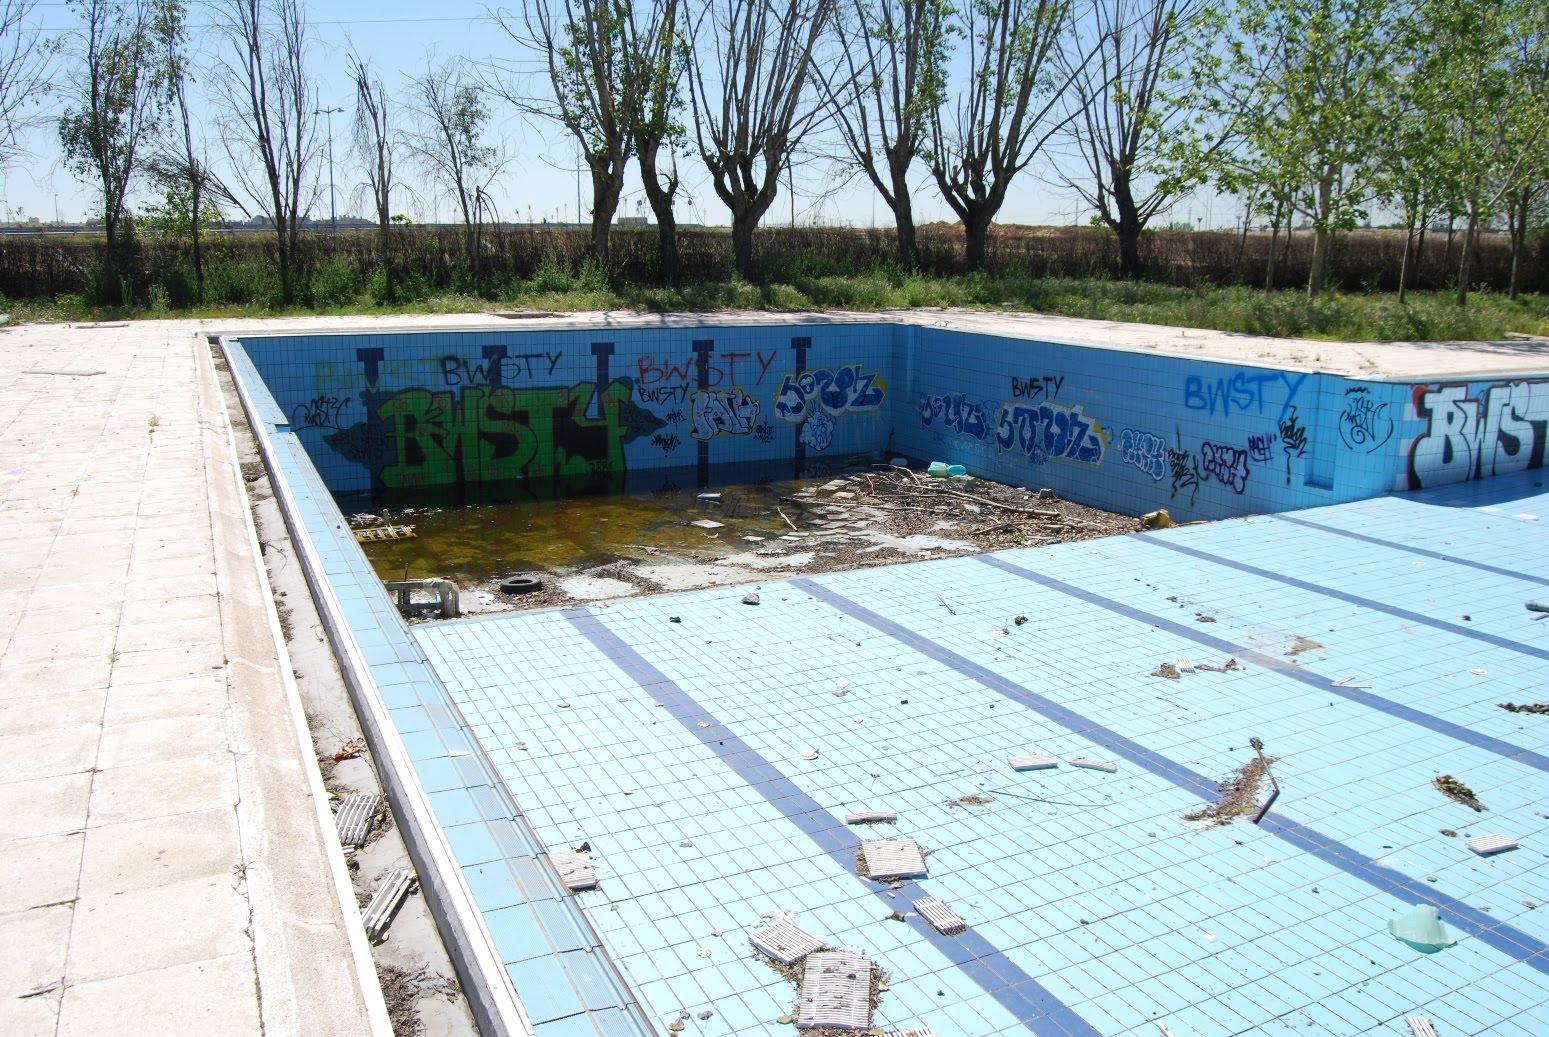 sobre las piscinas municipales my comunidad barrio de